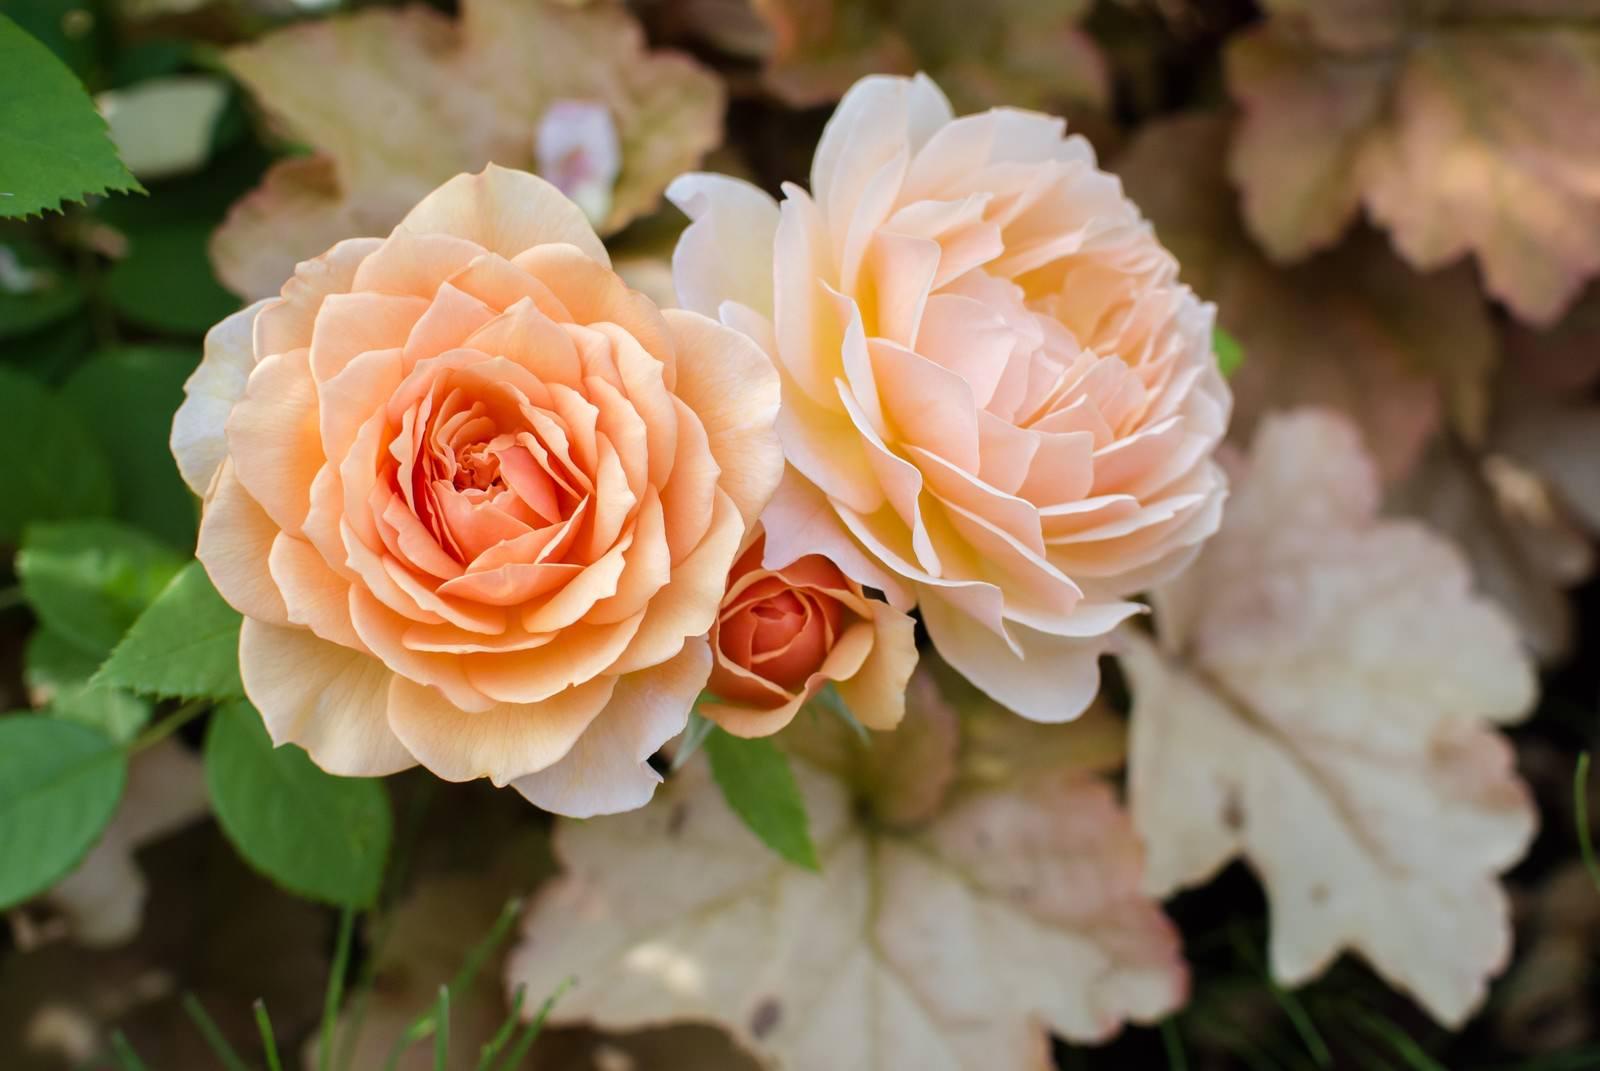 「オレンジ色のバラとヒューケラの葉」の写真